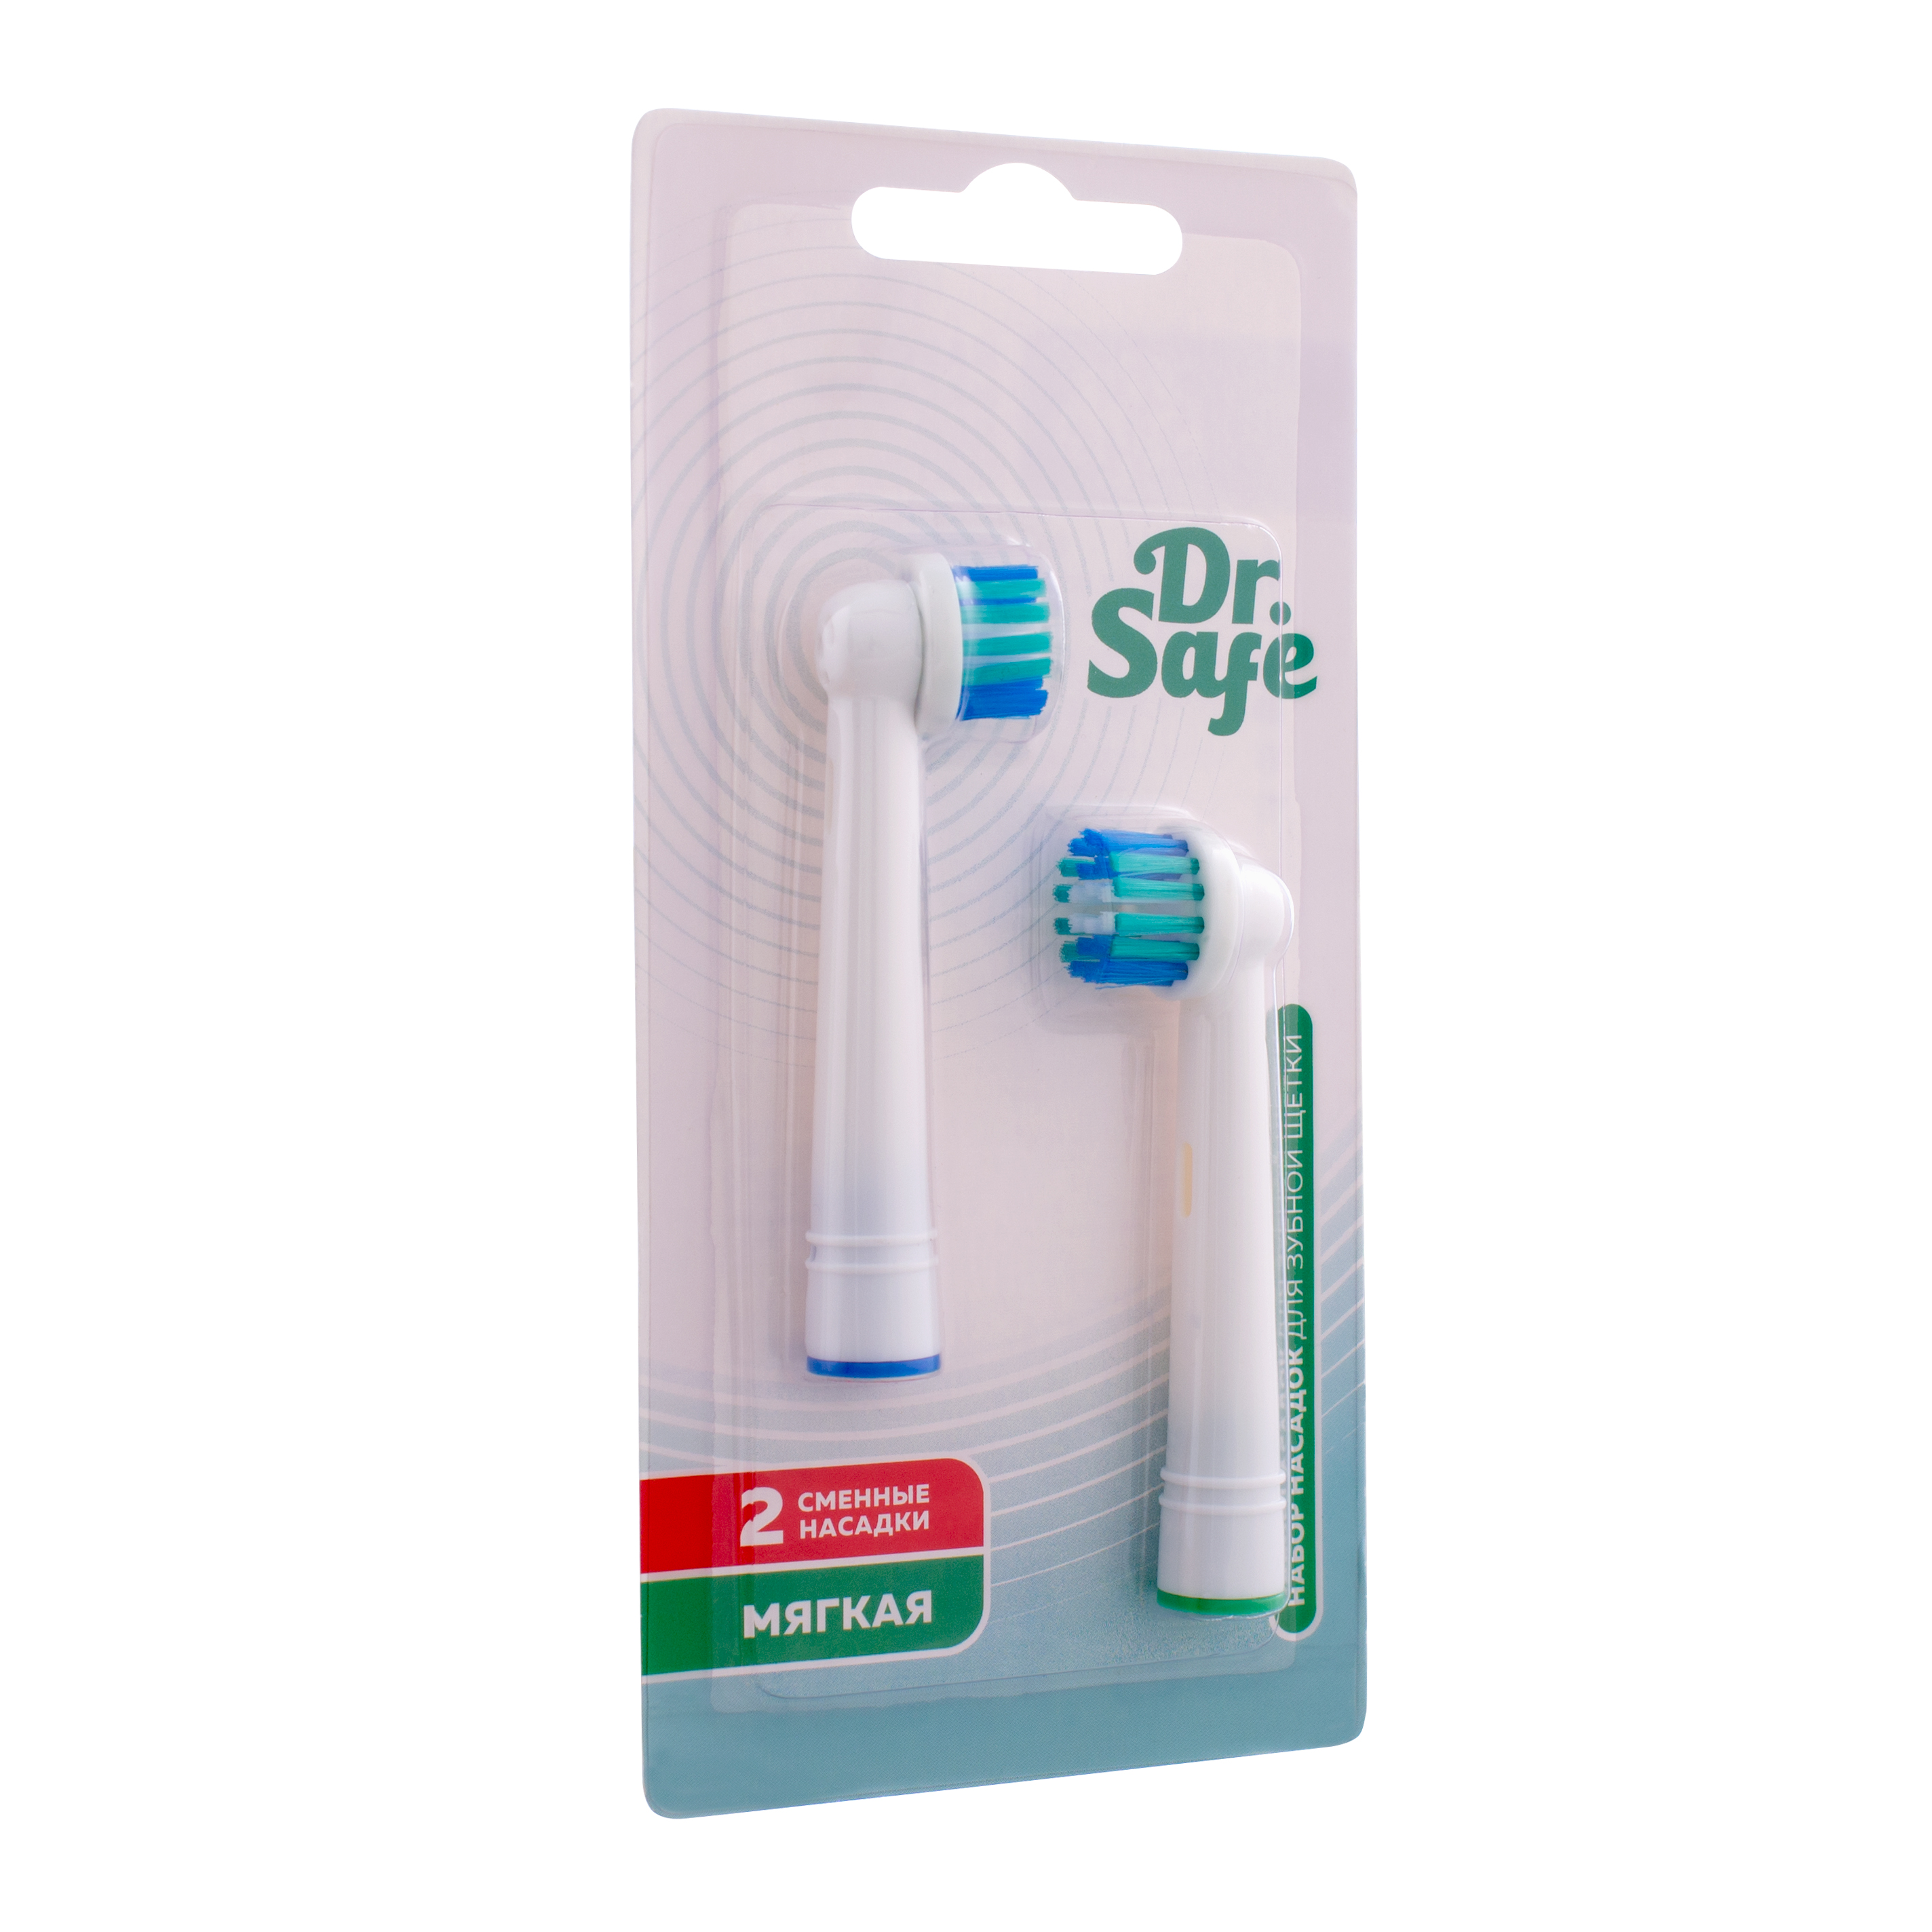 Насадка для зубной щетки Dr.Safe 3